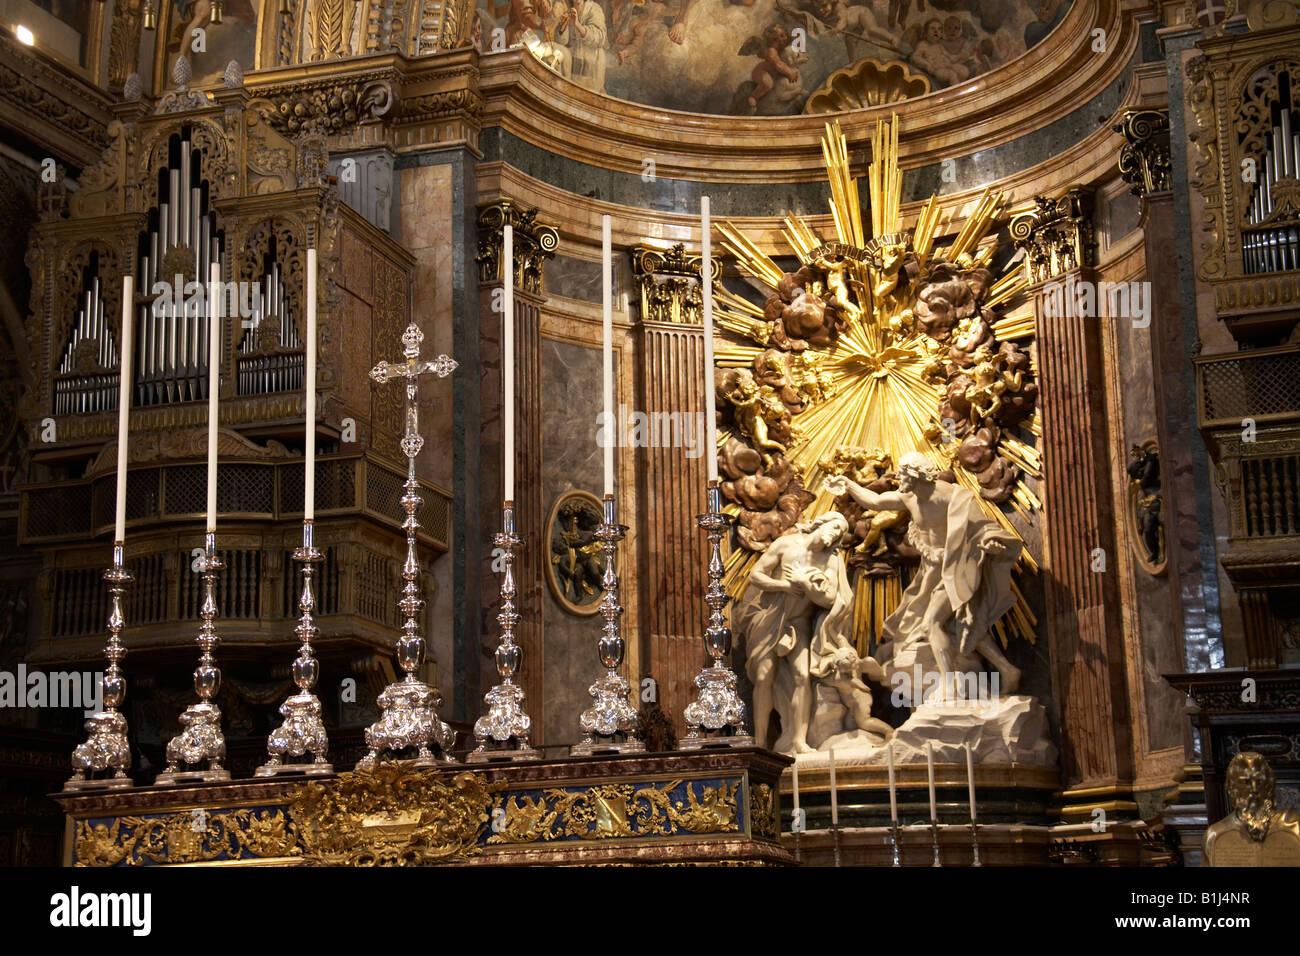 Altare con candele e con i religiosi arte scultura decorazione nell interno della St Johns Co cattedrale a La Valletta Immagini Stock